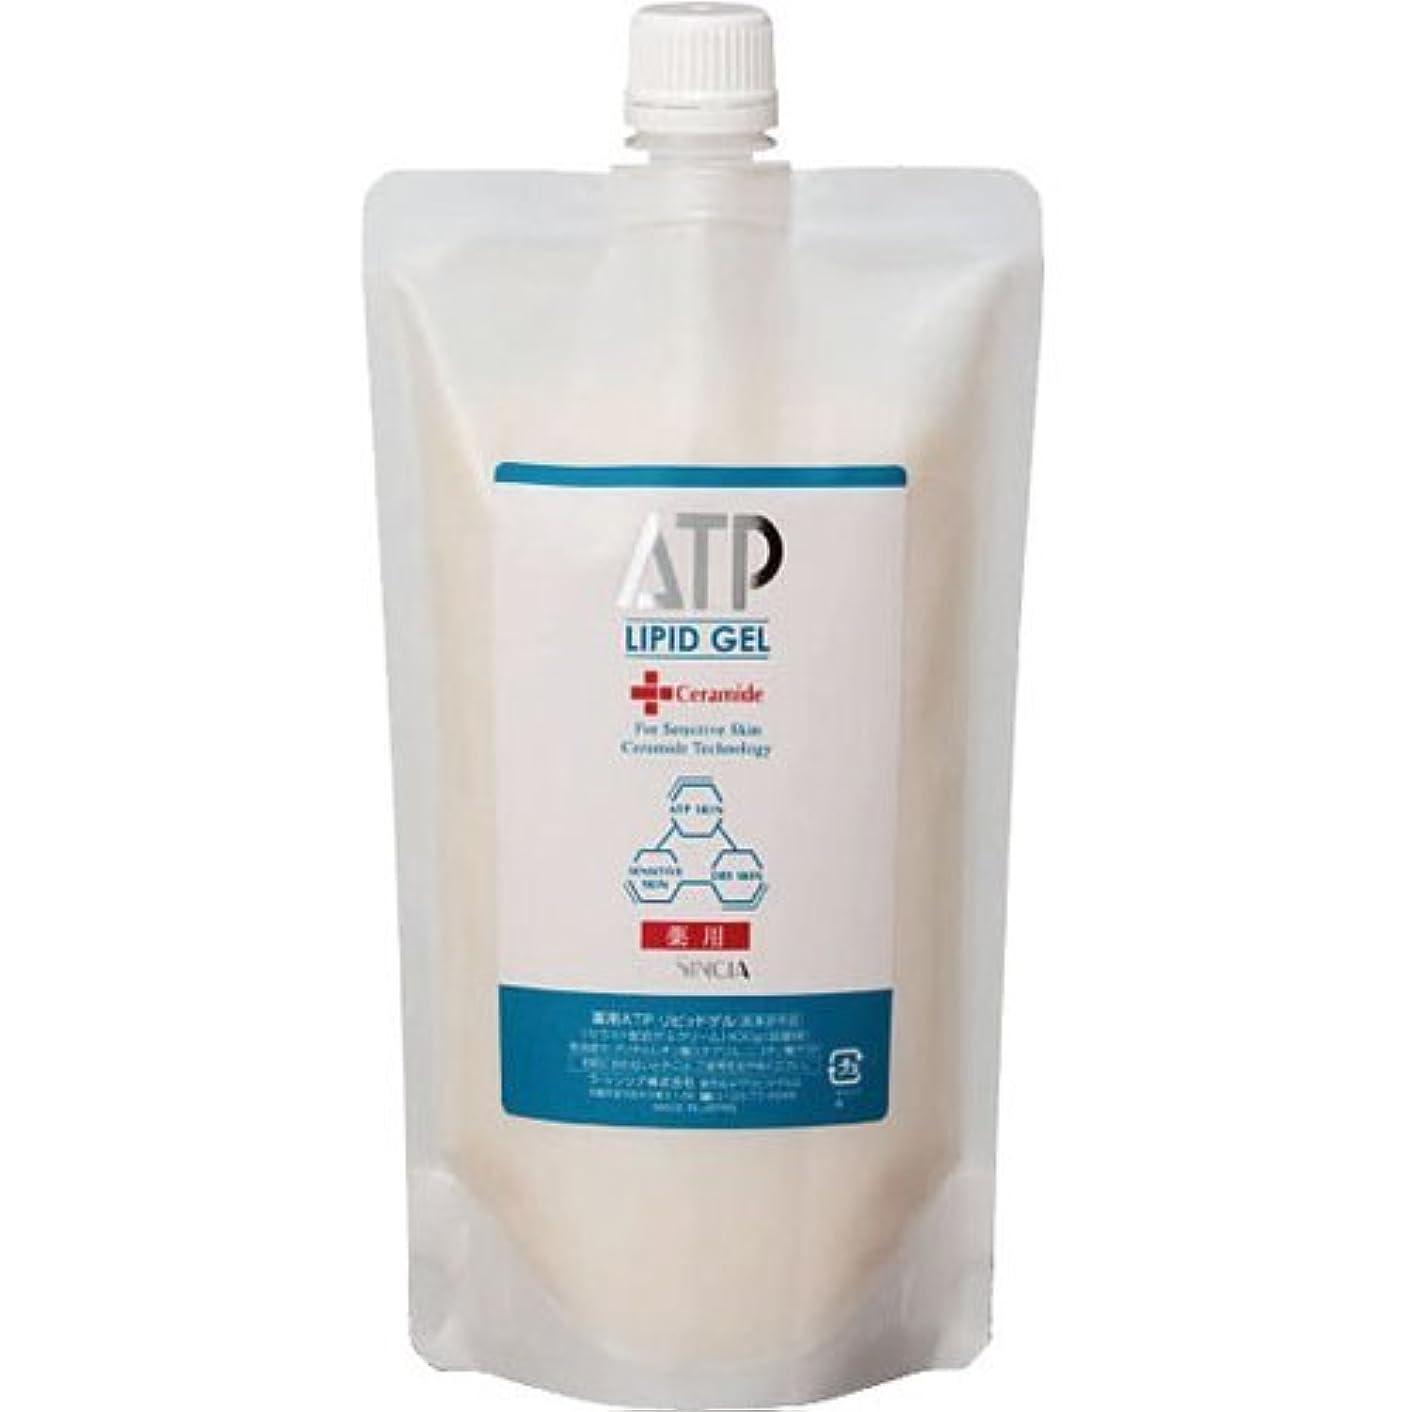 オートメーション分析調整可能ラシンシア 薬用ATPリピッドゲル 400g(詰替用) 【セラミド配合ゲルクリーム】